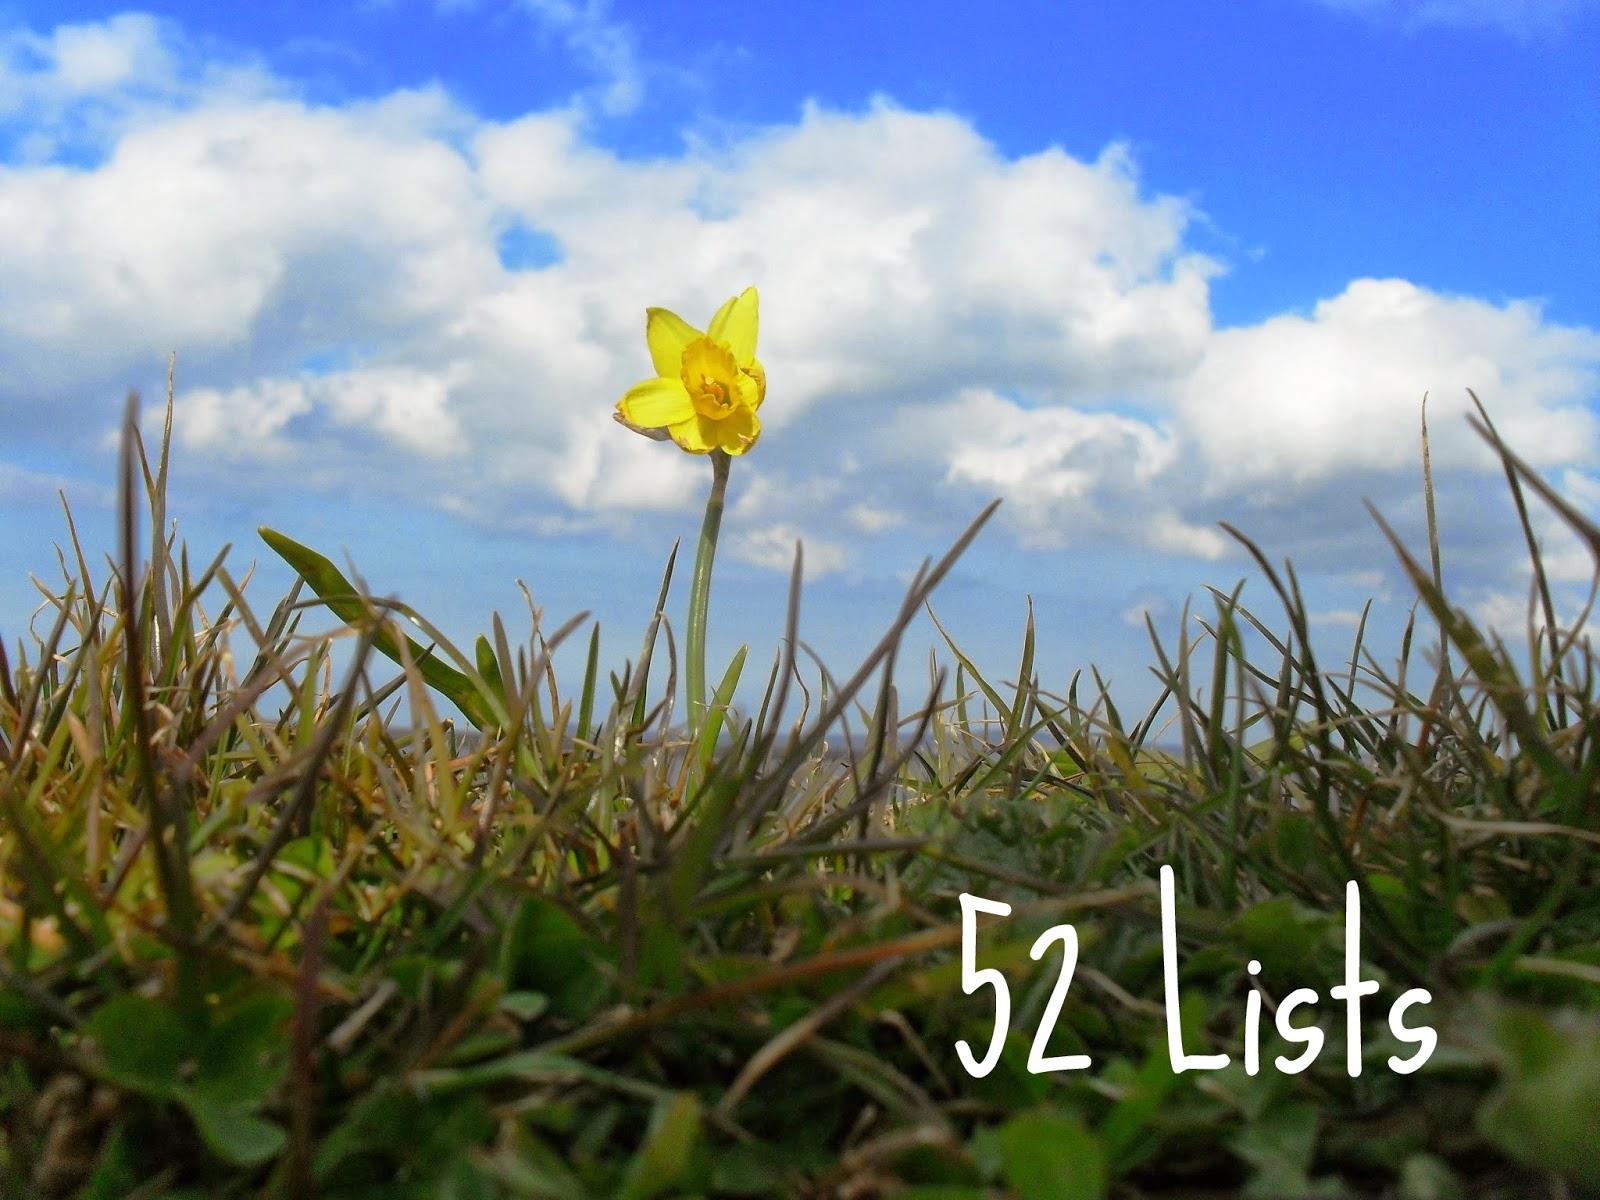 One lone daffodil